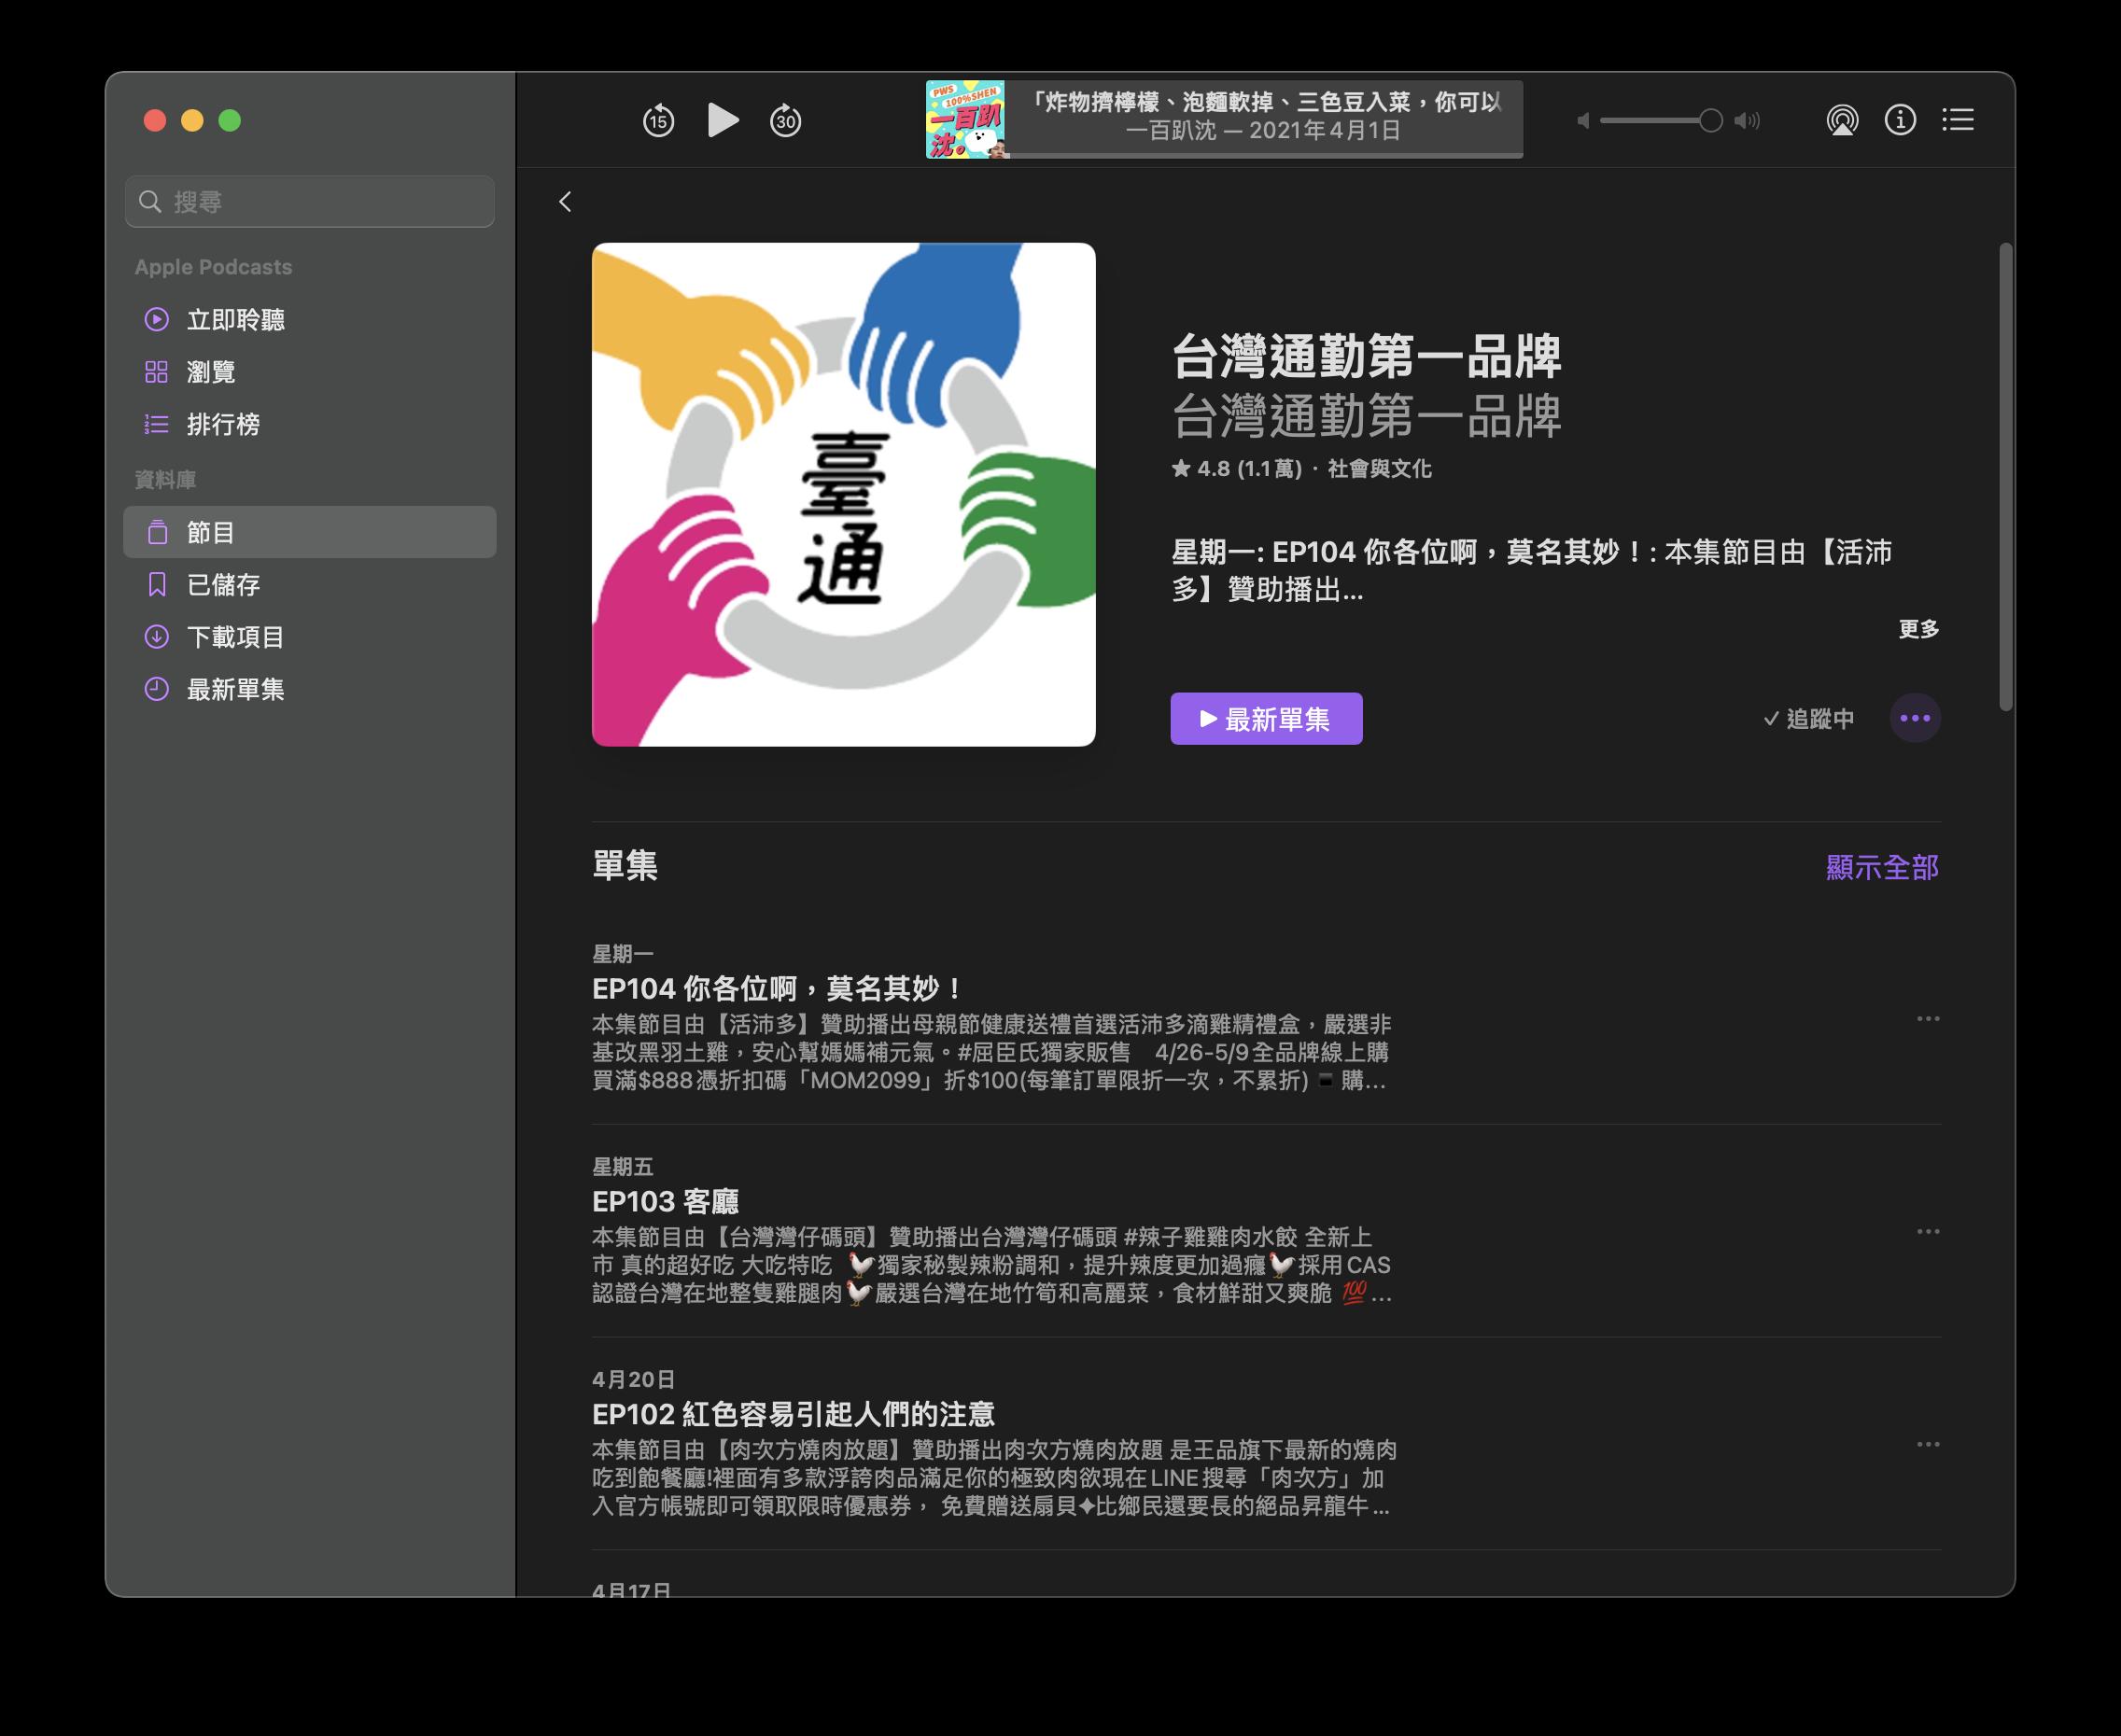 macOS 11.3、Podcast